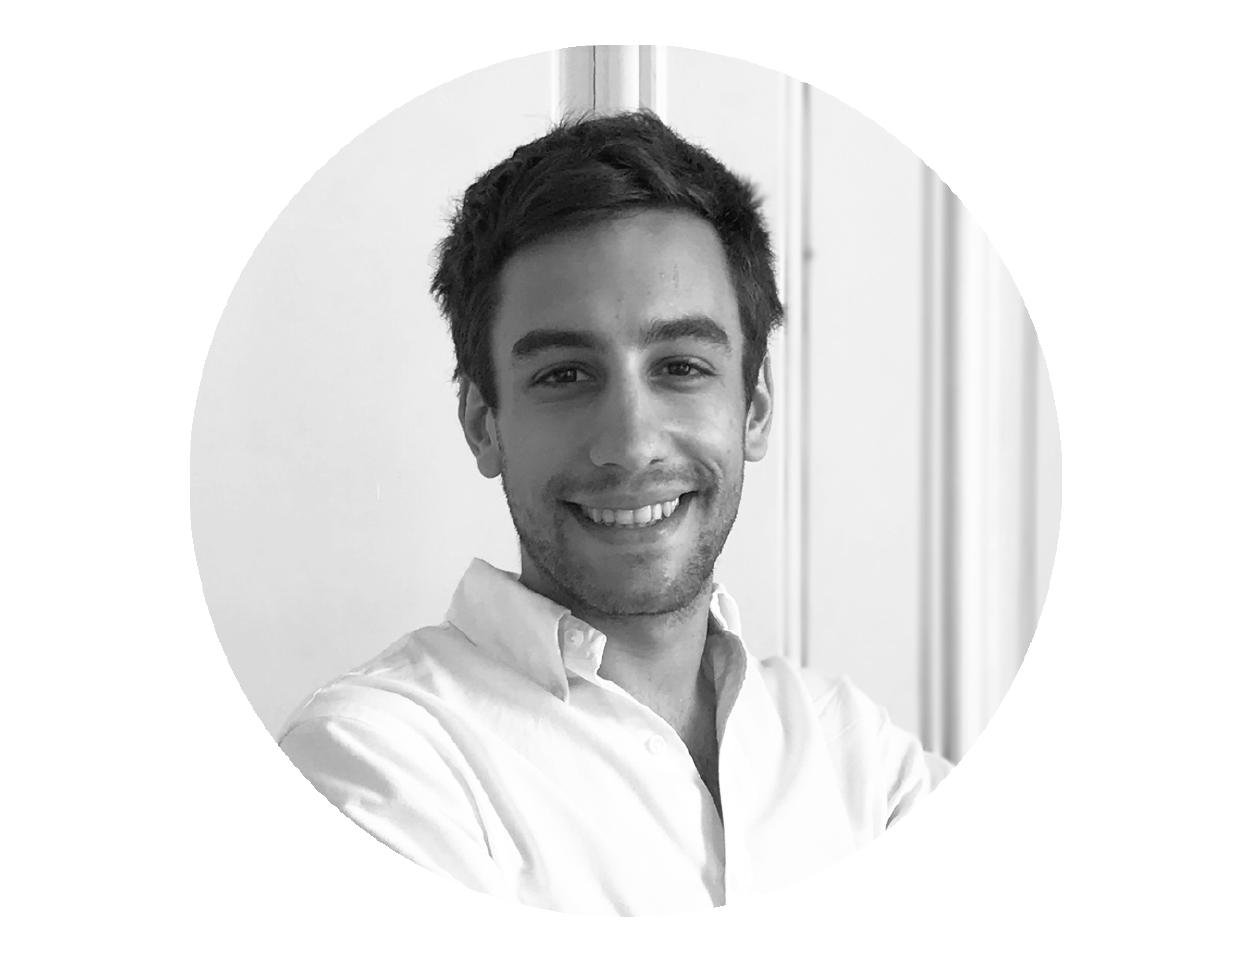 Juan Ignacio Souto |Relaciones con Inversores - Juani está a cargo de las operaciones y las finanzas de cada uno de los edificios en el negocio de Stays. Se desenvolvió como emprendedor durante 3 años hasta sumarse como inversor y como Director de Operaciones a Casa Campus. CONTACTAR